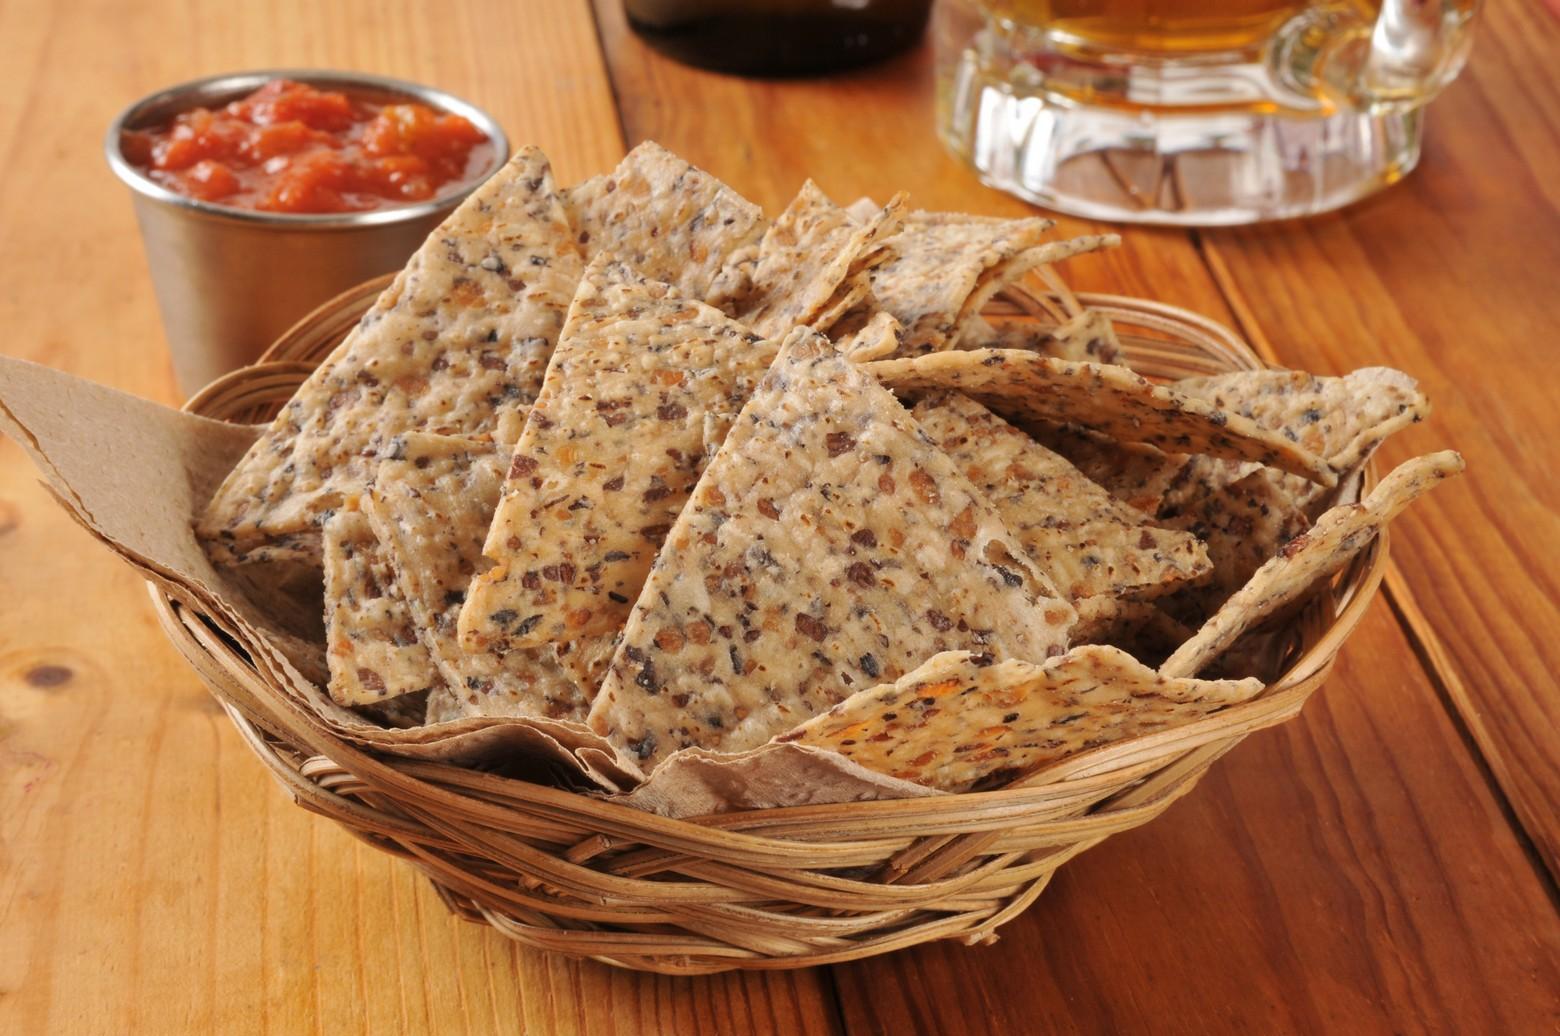 Healthy Break Room Snacks in Green Bay and Northwest Wisconsin